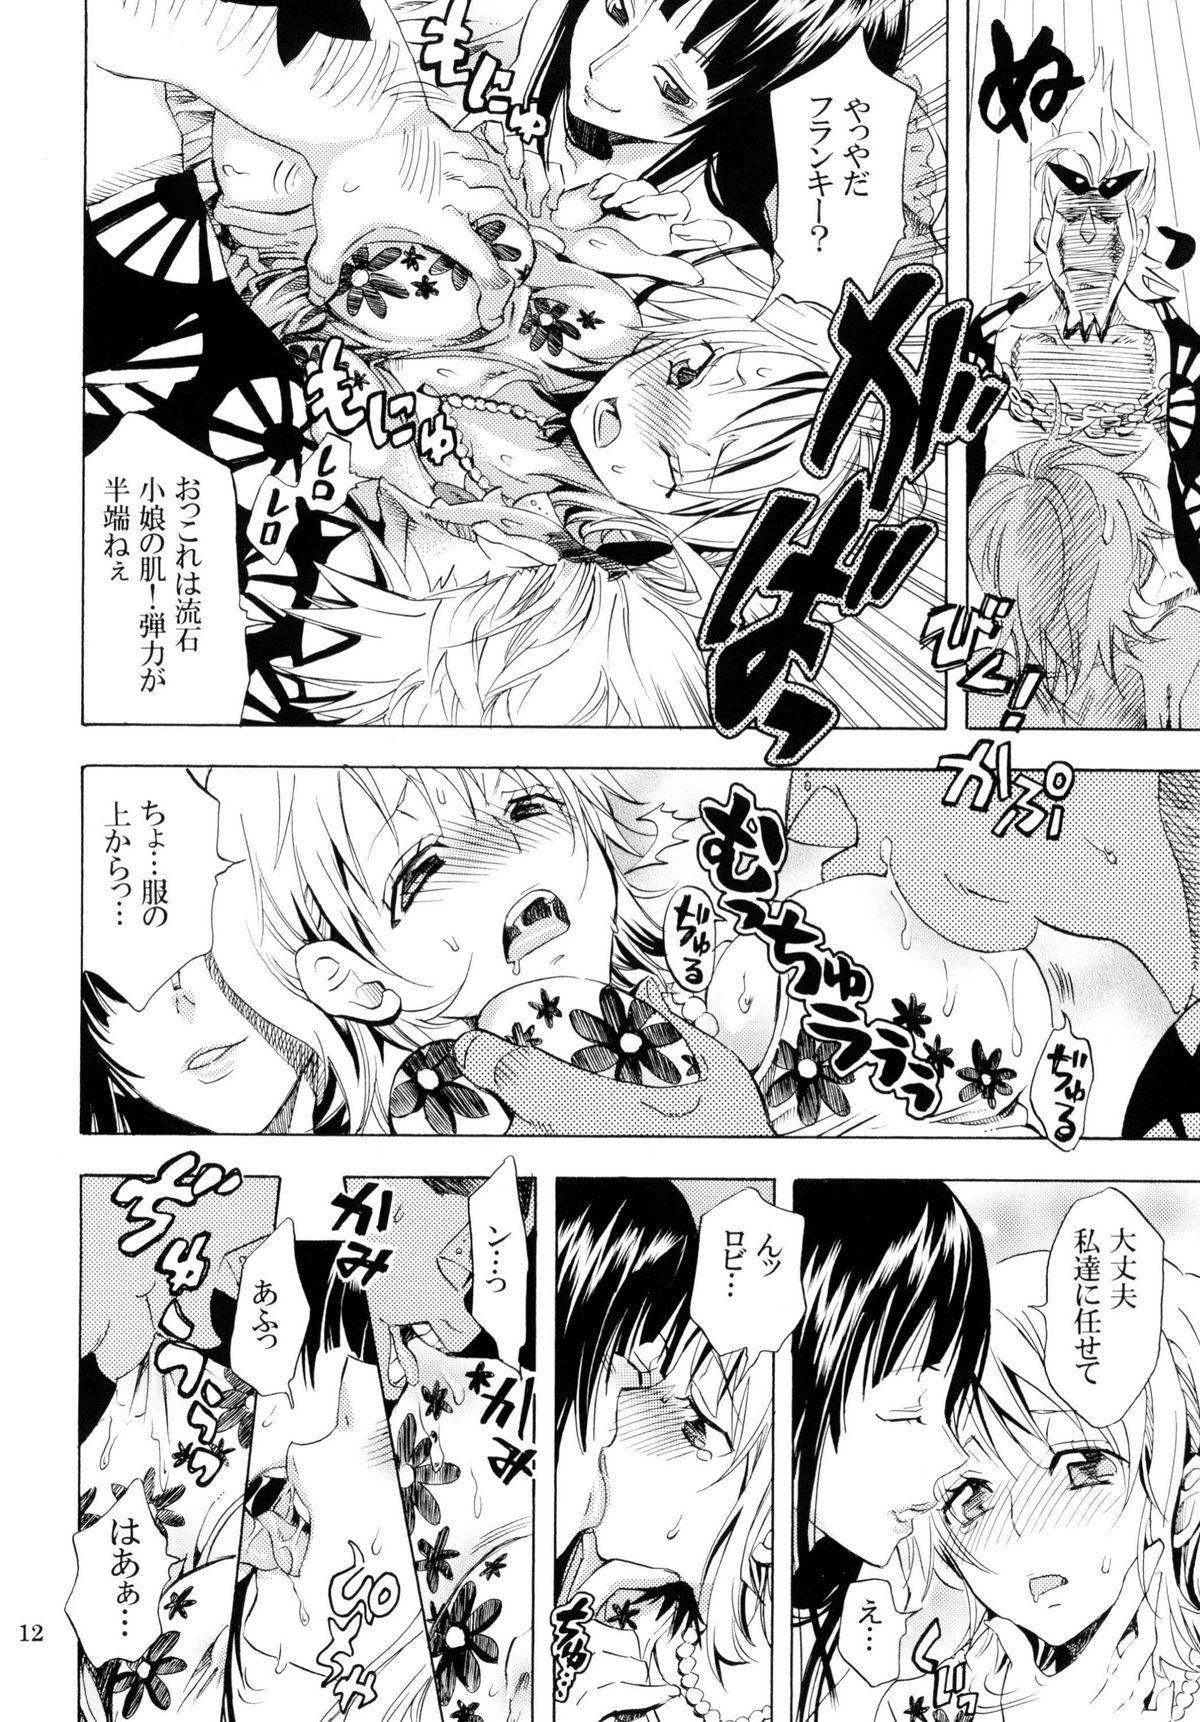 Yokujou Pirates 10